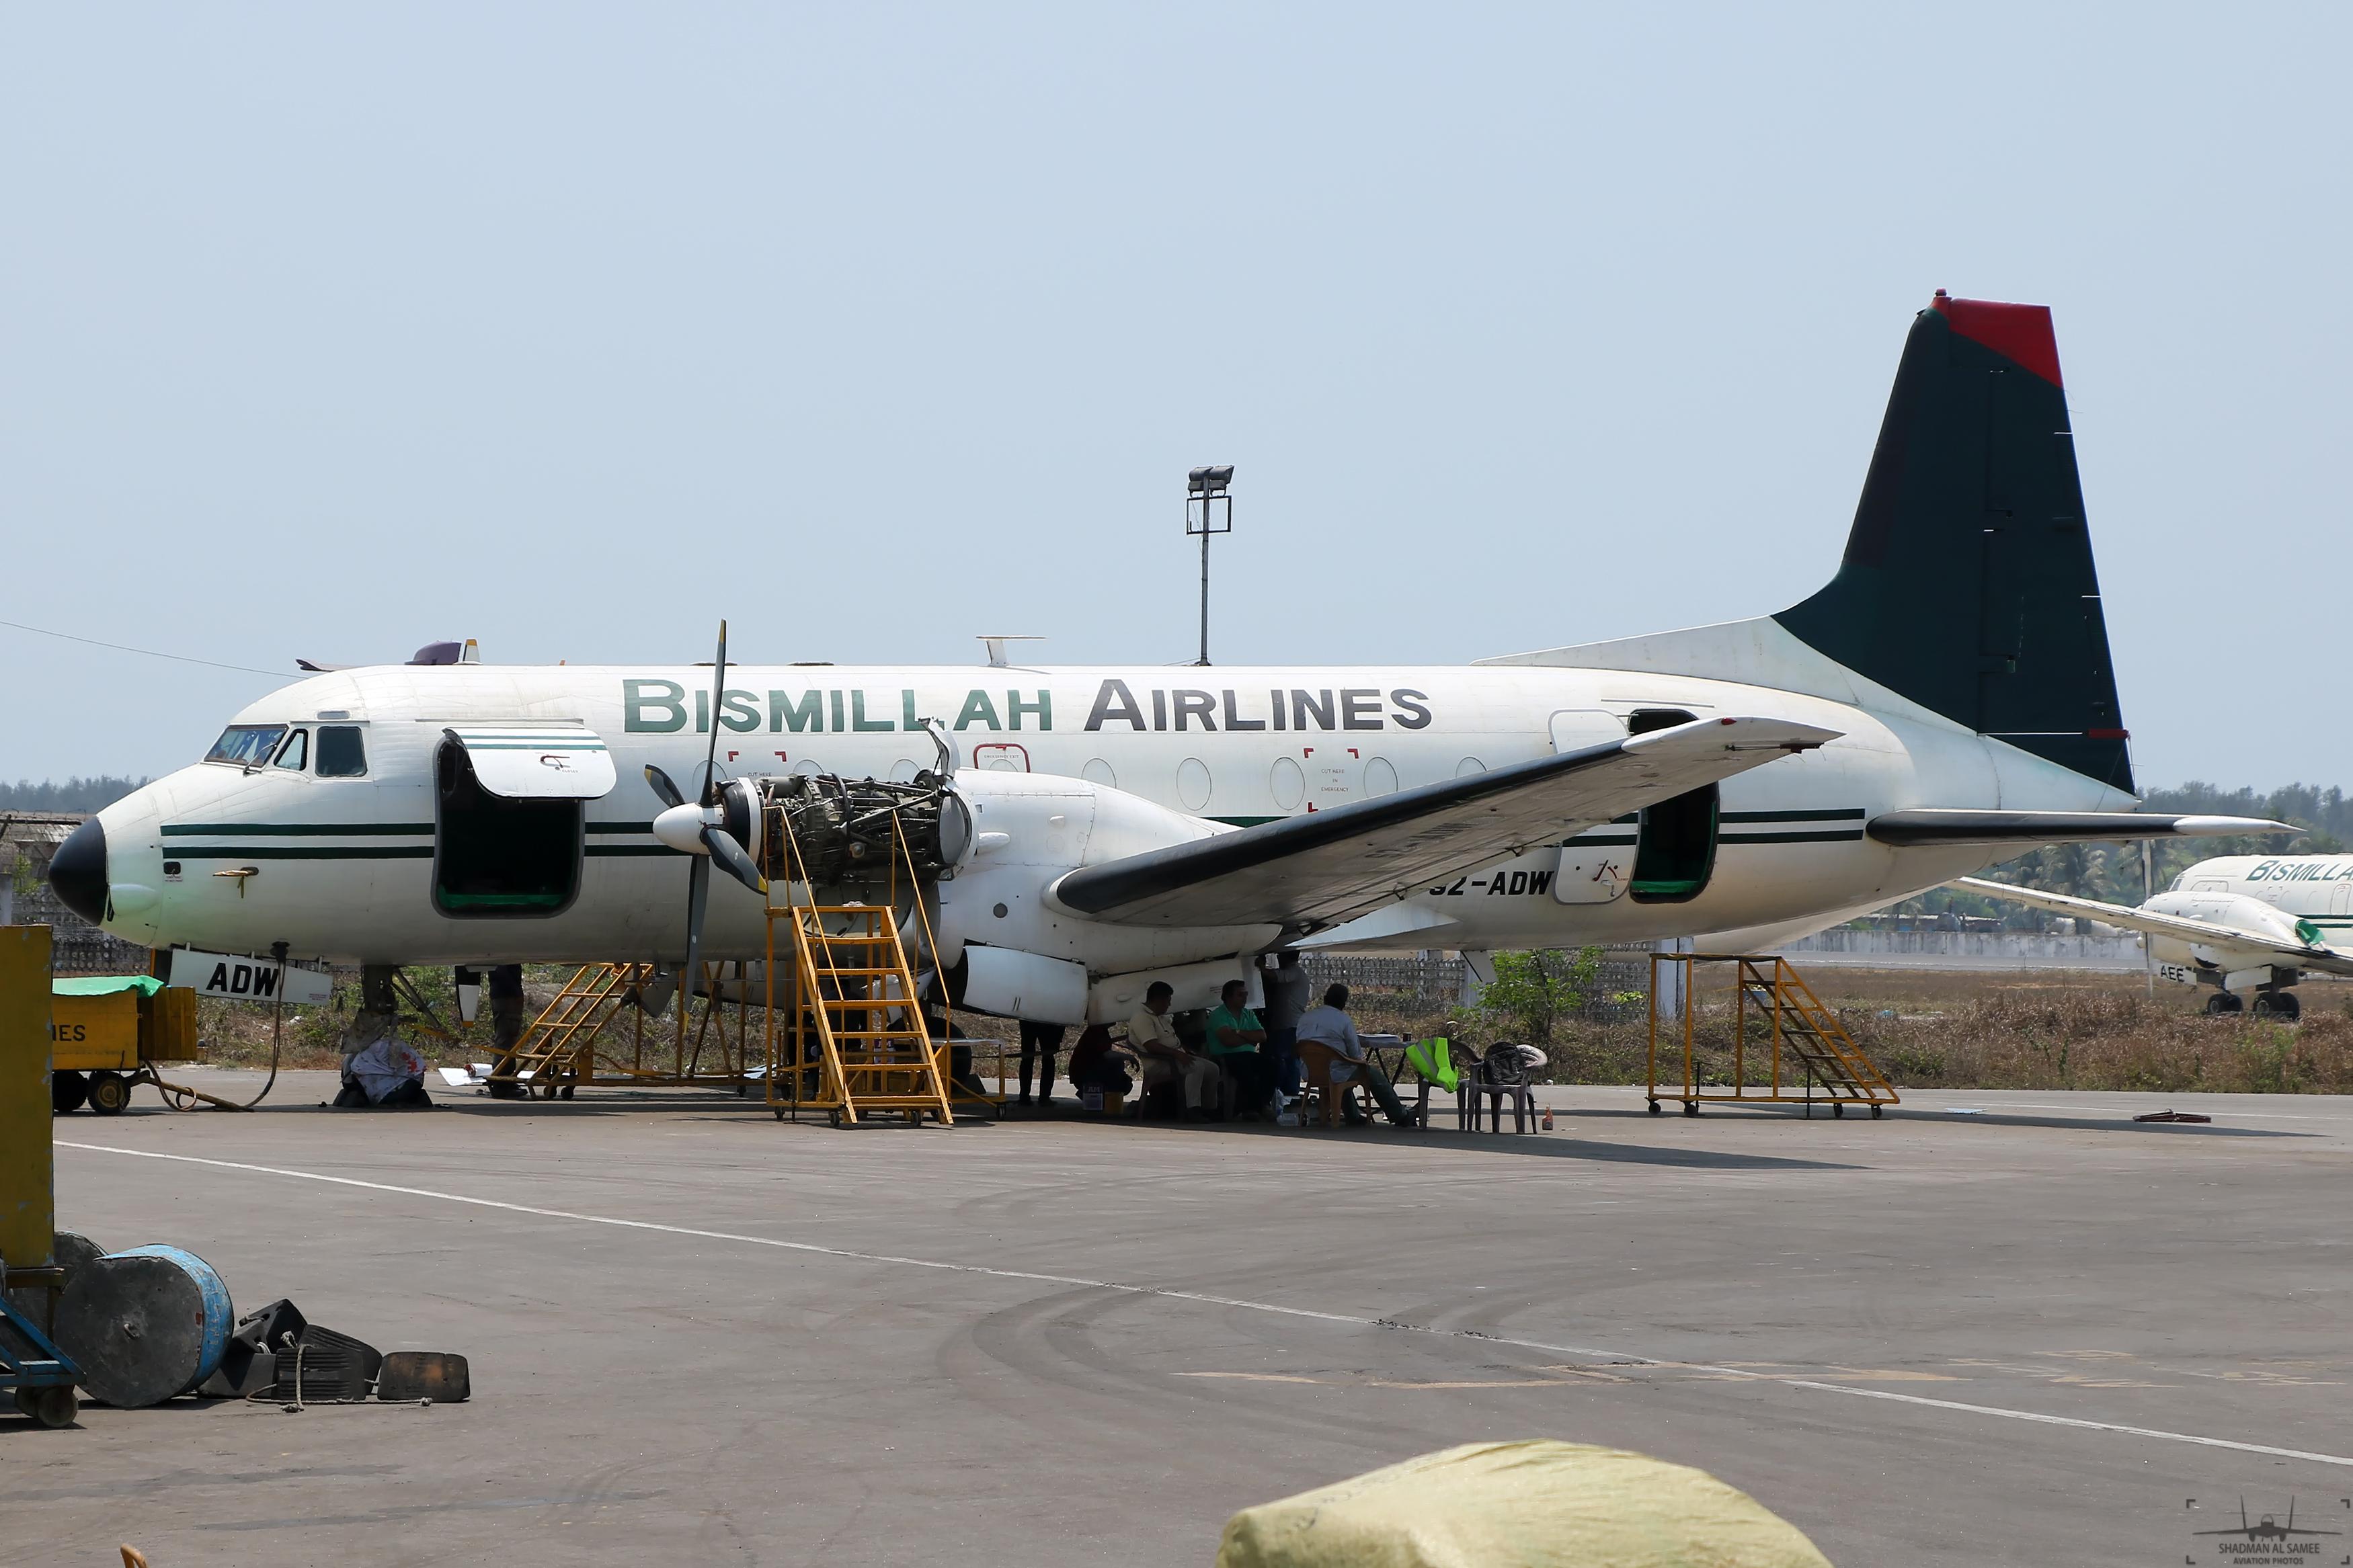 Bismillah Airlines Wikipedia